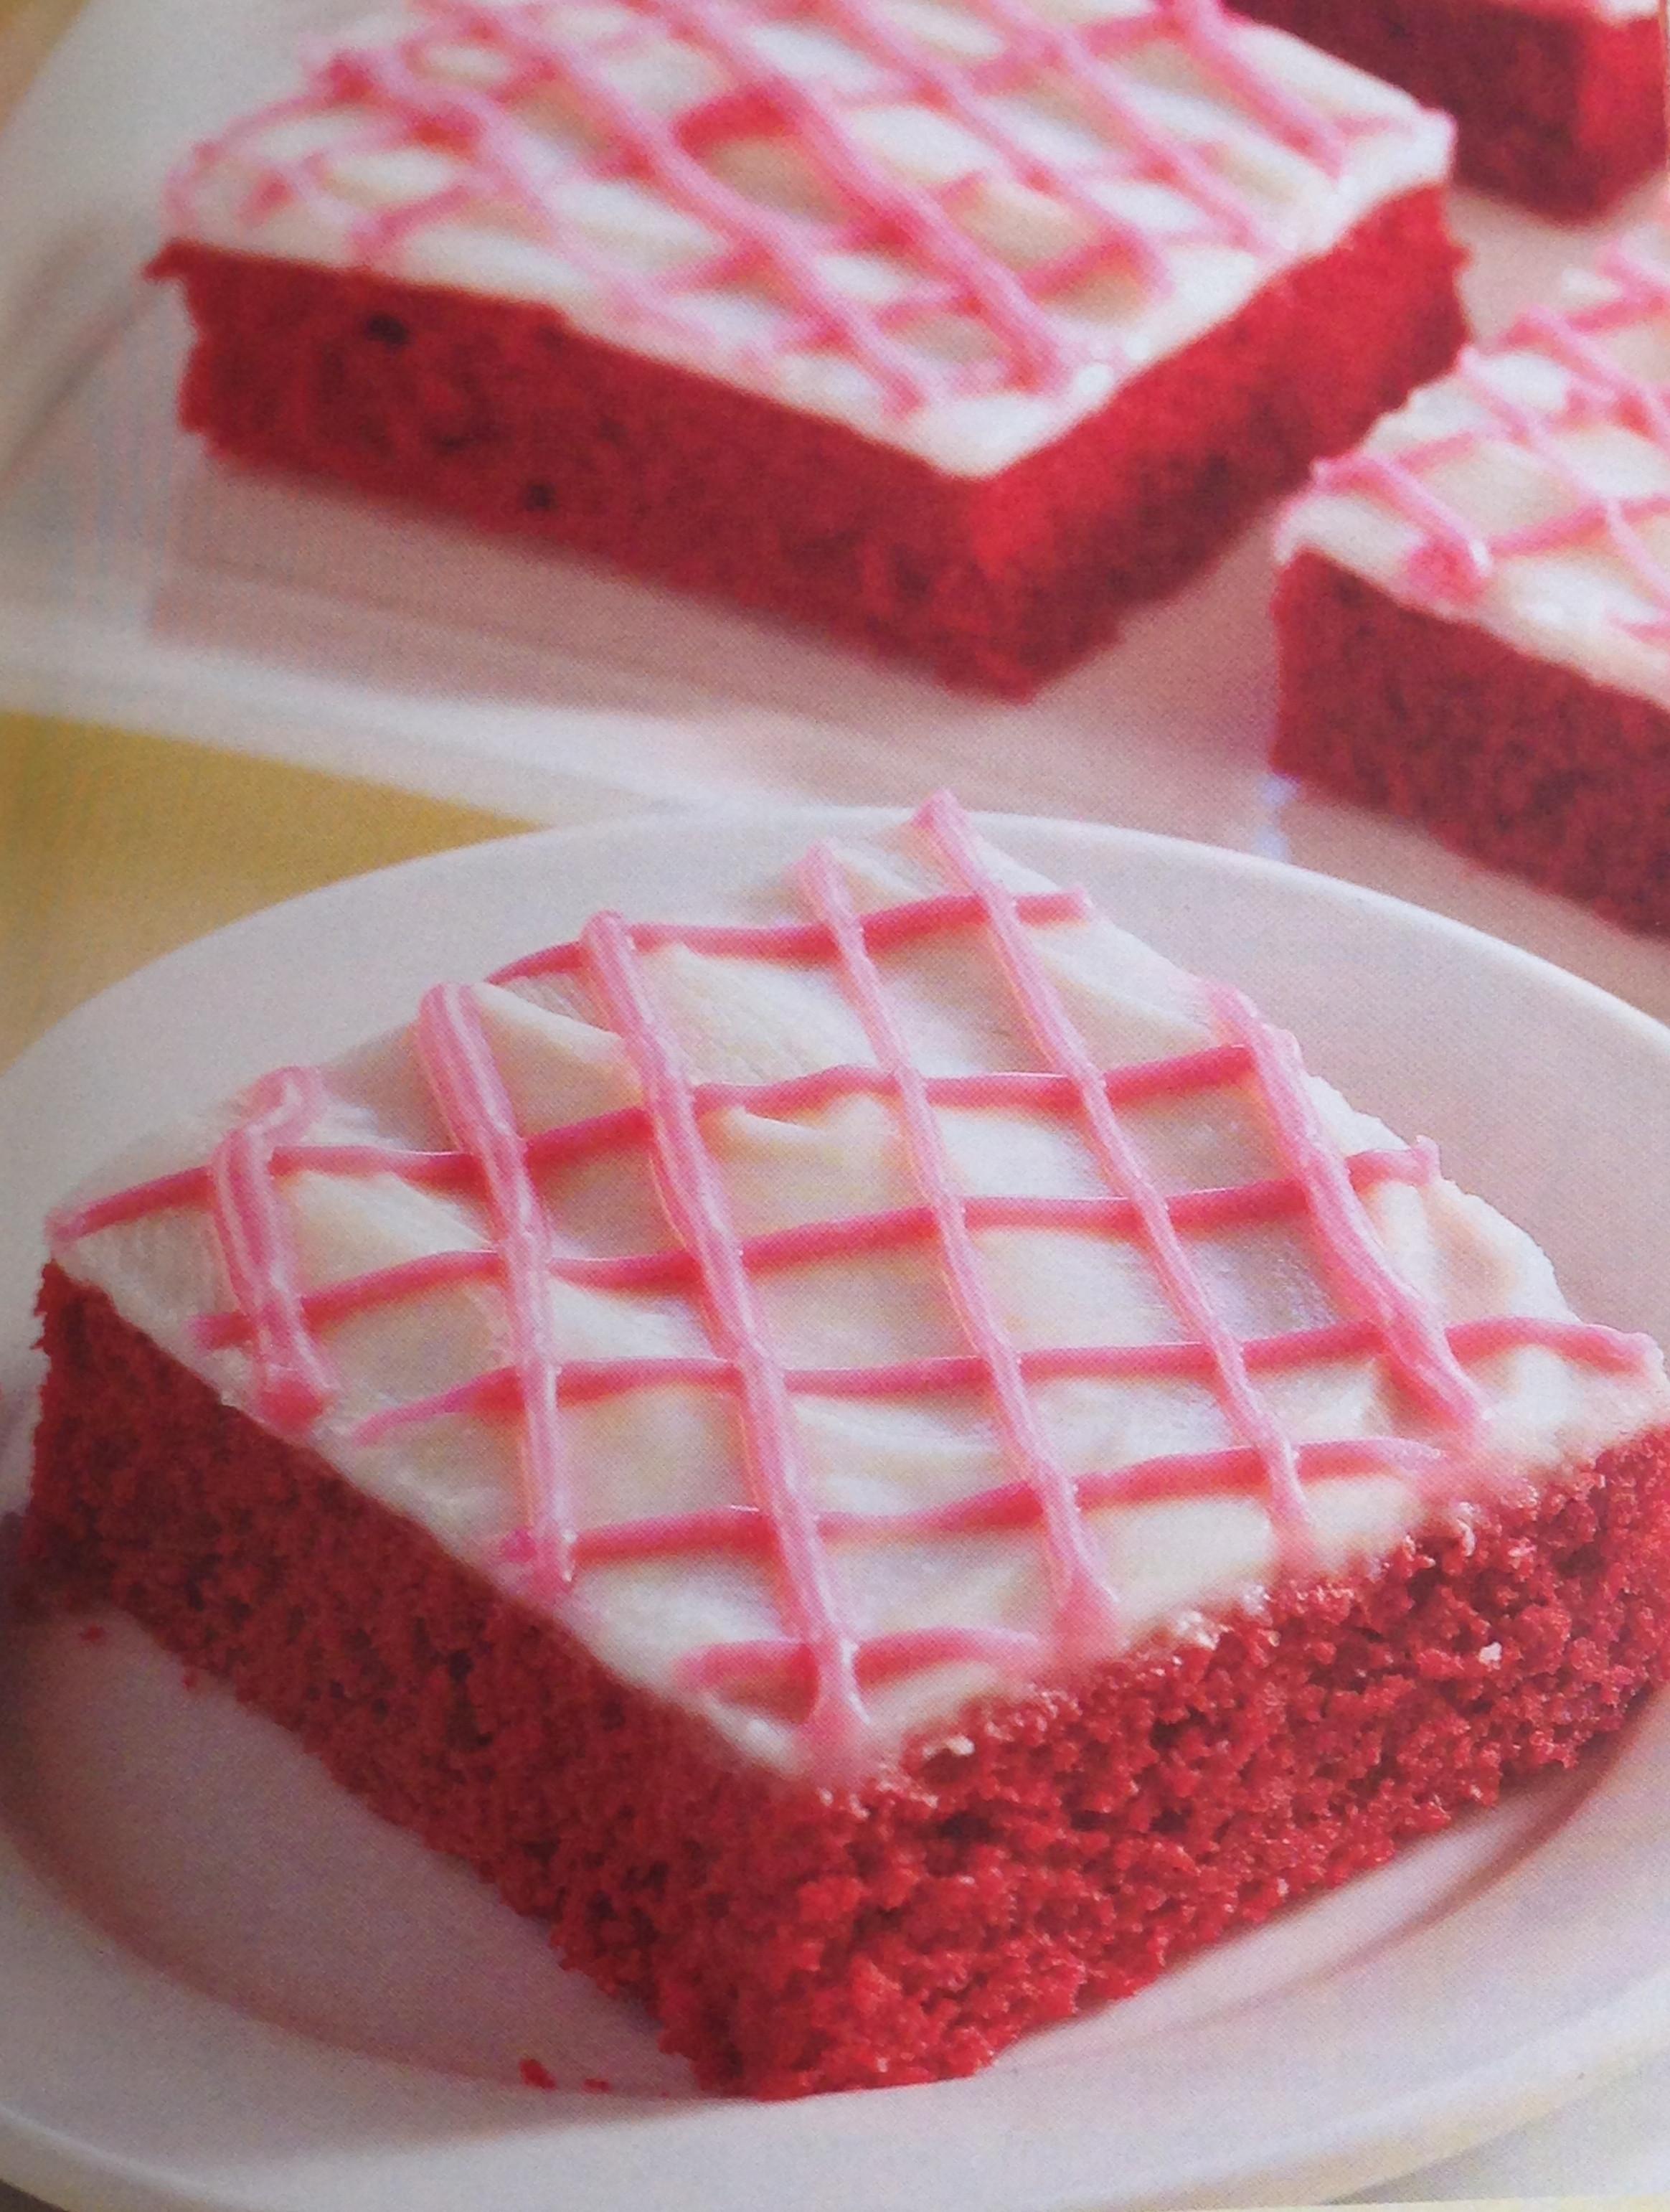 Red Velvet Sheet Cake  Healthy Living Red Velvet Sheet Cake